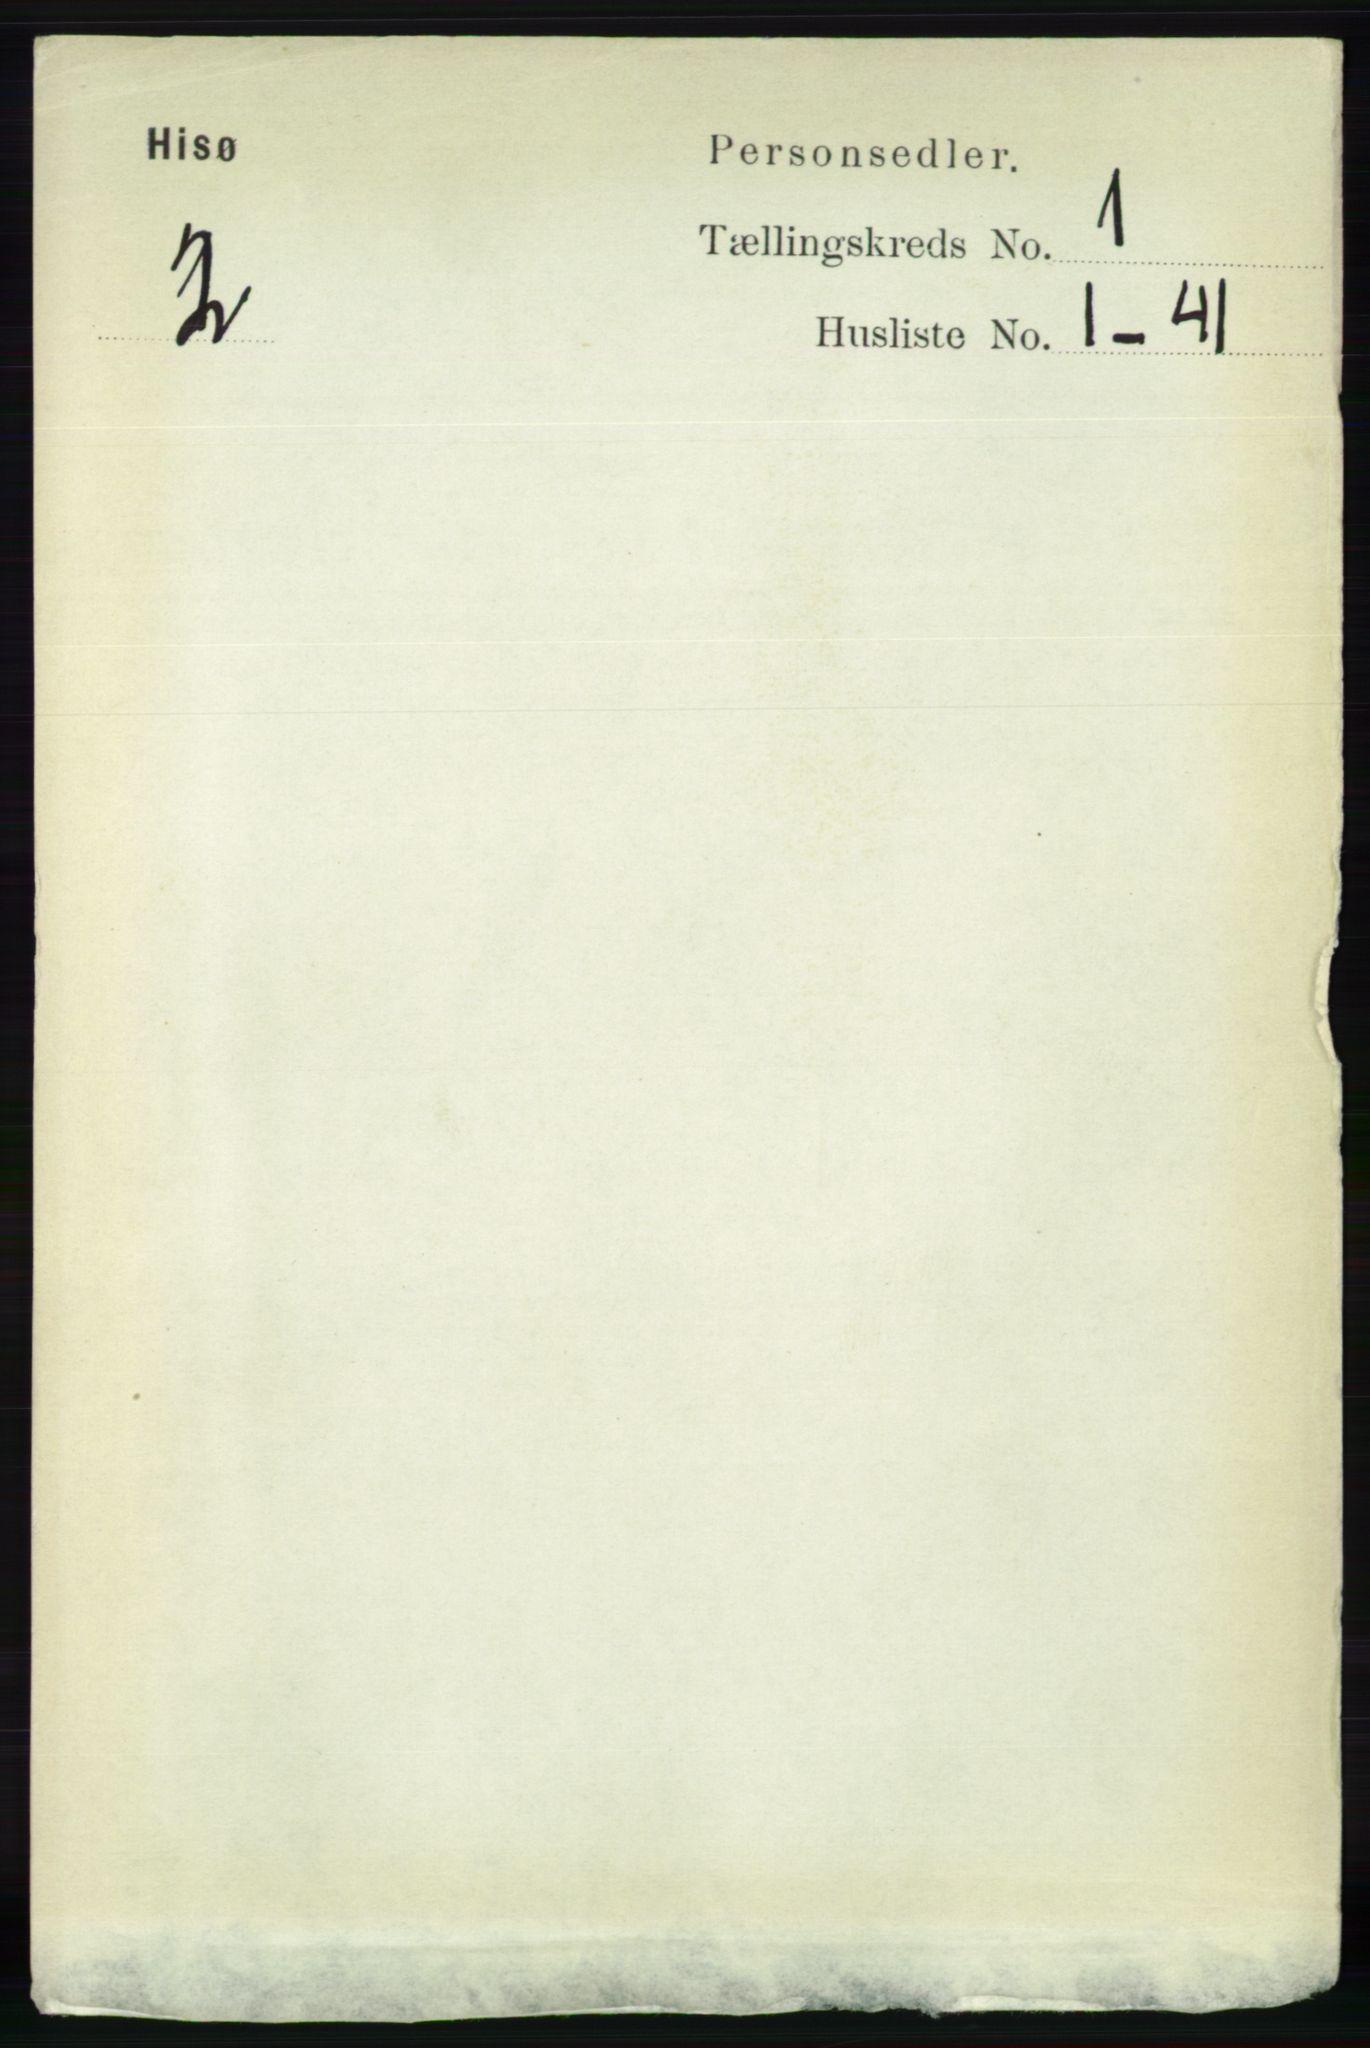 RA, Folketelling 1891 for 0922 Hisøy herred, 1891, s. 122